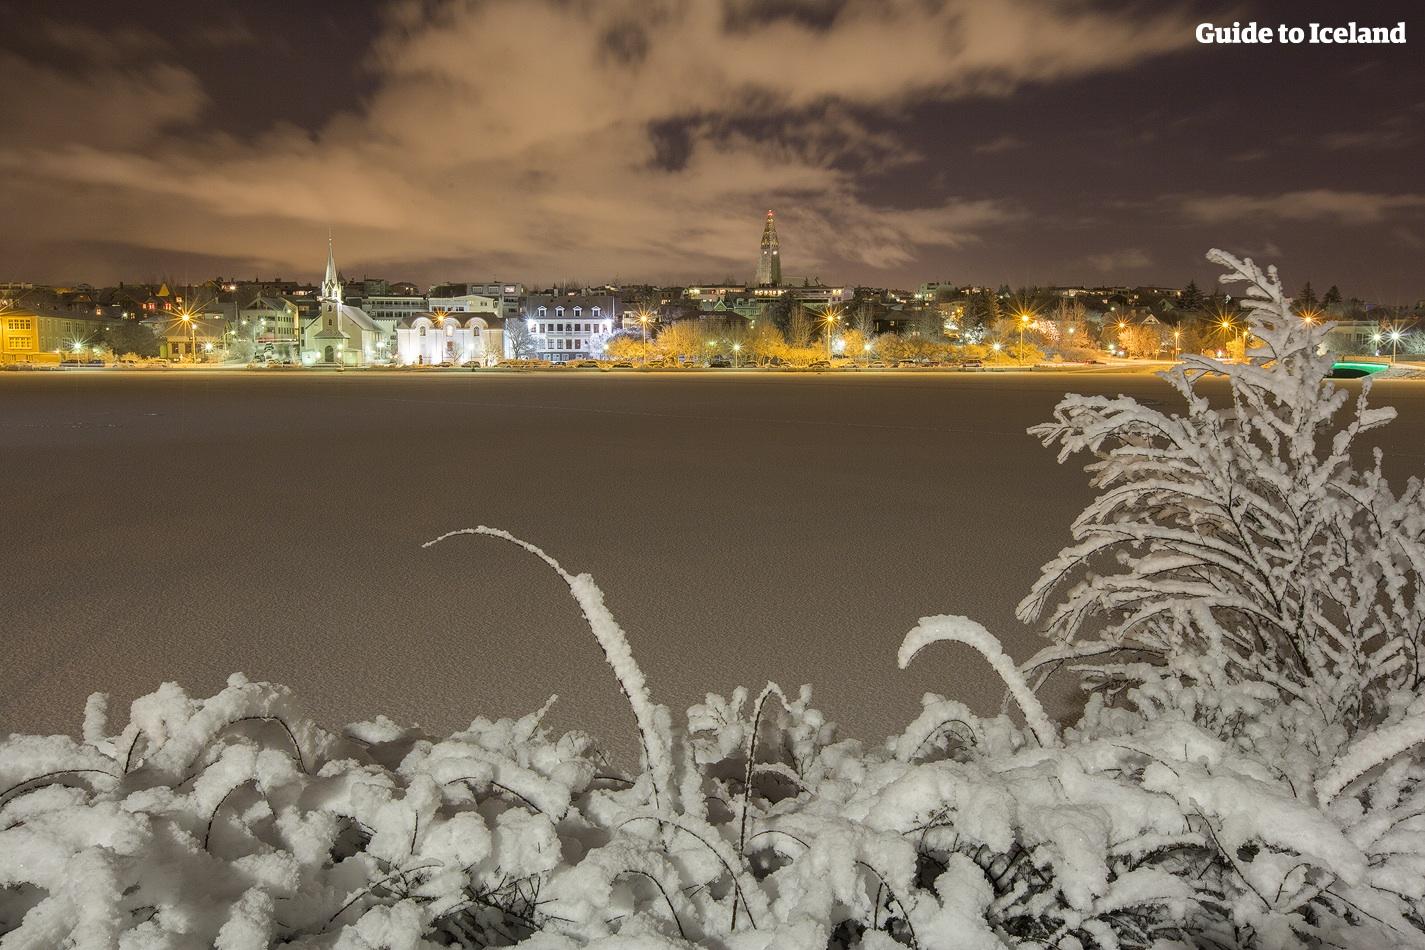 El horizonte de Reikiavik brilla en un tono dorado sobre el estanque congelado de Tjörnin en invierno.